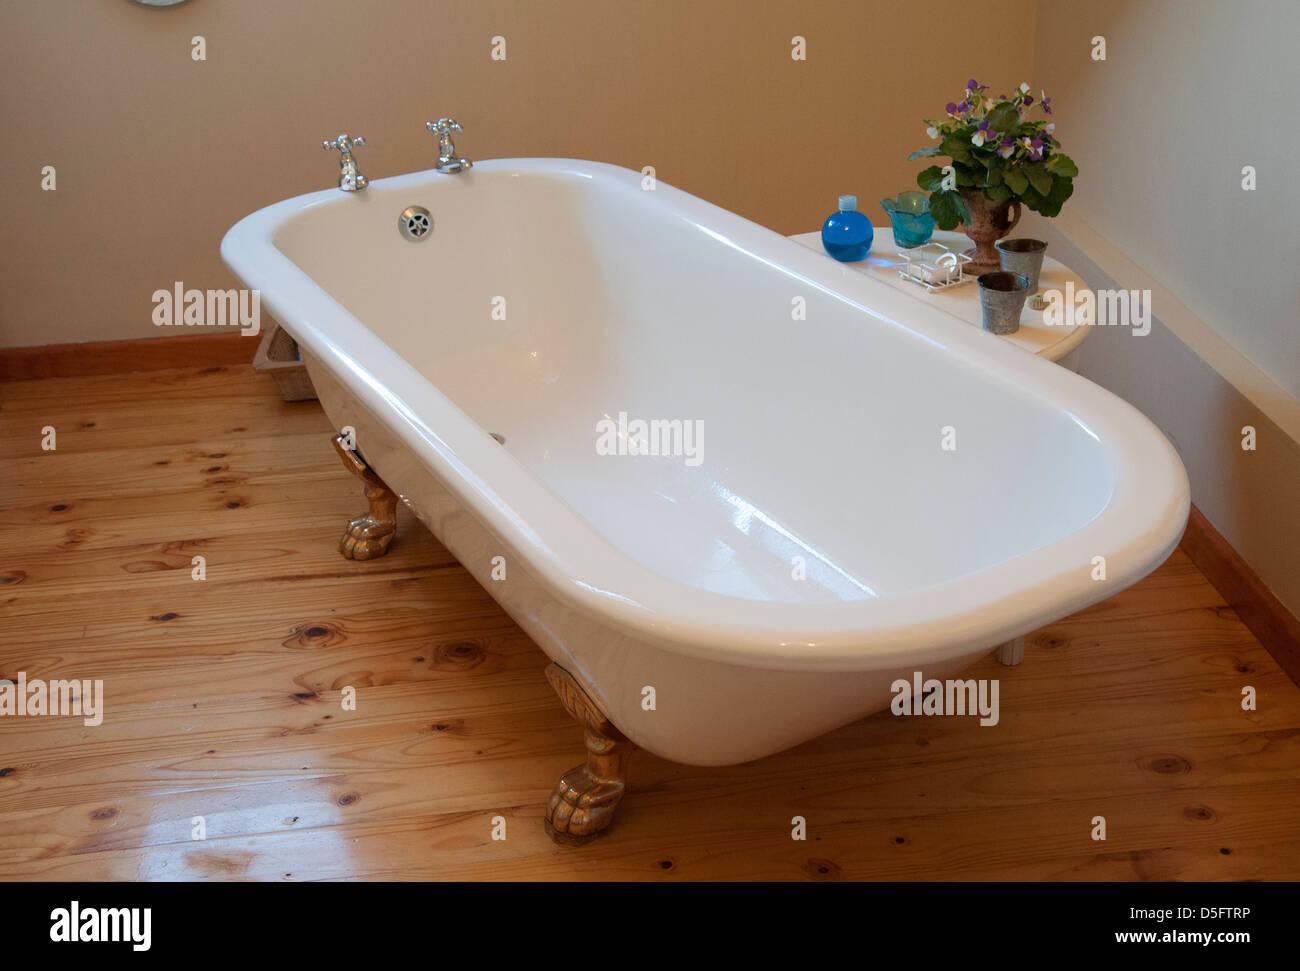 Vasca Da Bagno Old Style : Bagno accessori arredamento mobili vasche e sanitari cose di casa